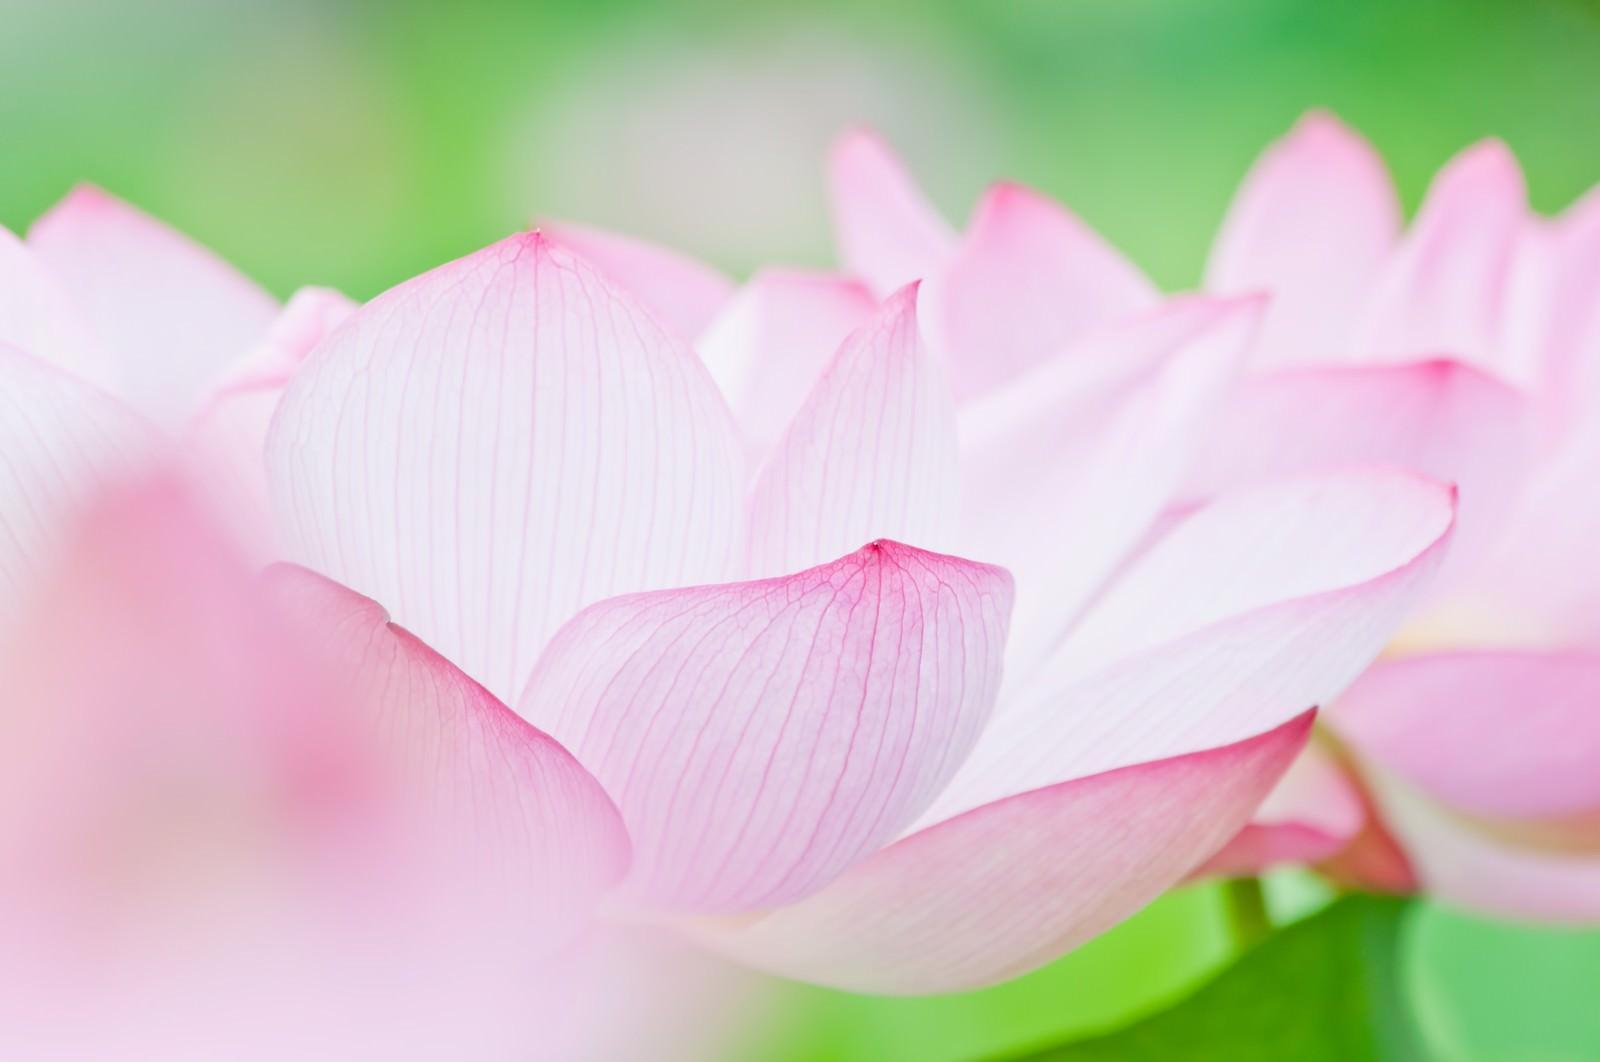 「桃色の花弁桃色の花弁」のフリー写真素材を拡大